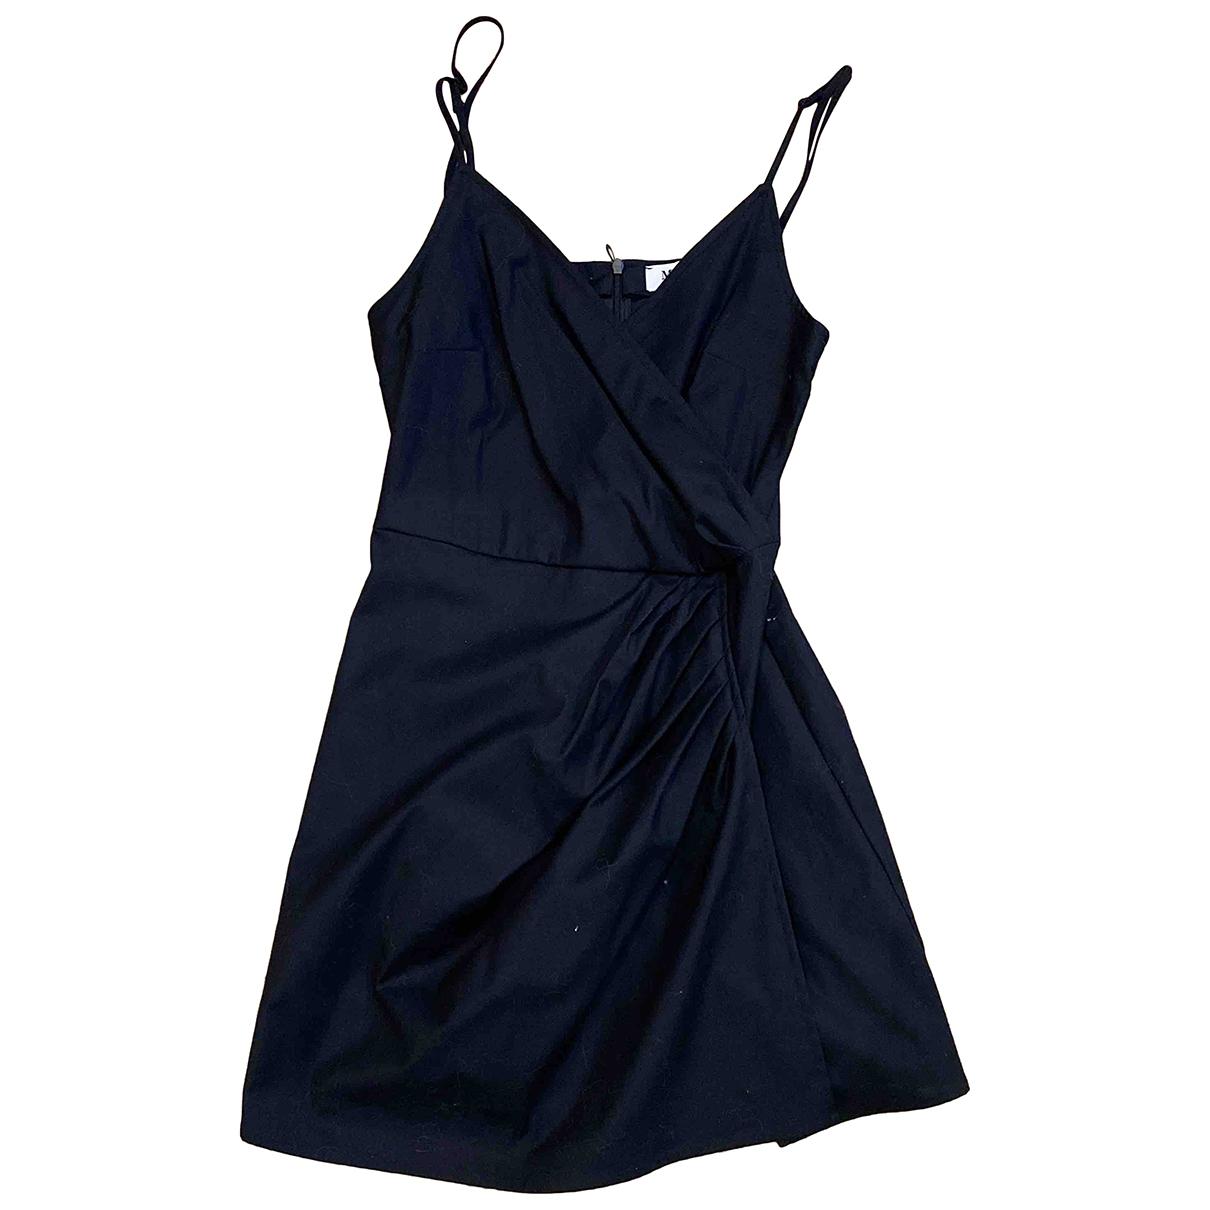 Musier \N Black Cotton dress for Women 32 FR